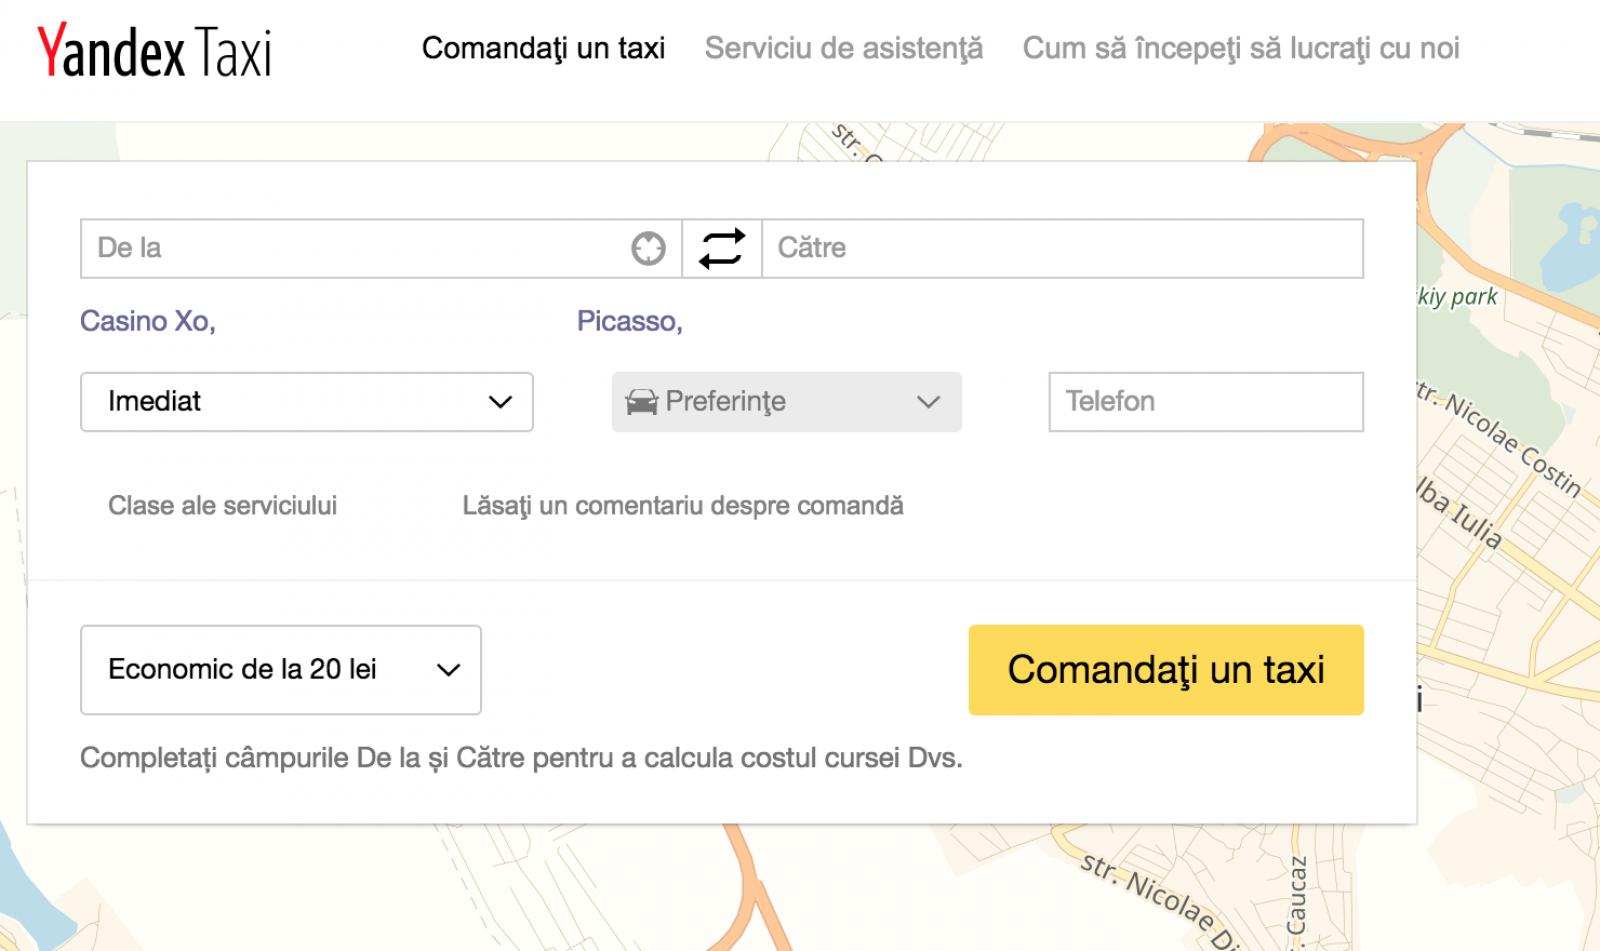 (foto/doc) Istoria cu multe întebări a Yandex.Taxi: Afacerea de milioane de lei aparent nesupravegheată de nimeni